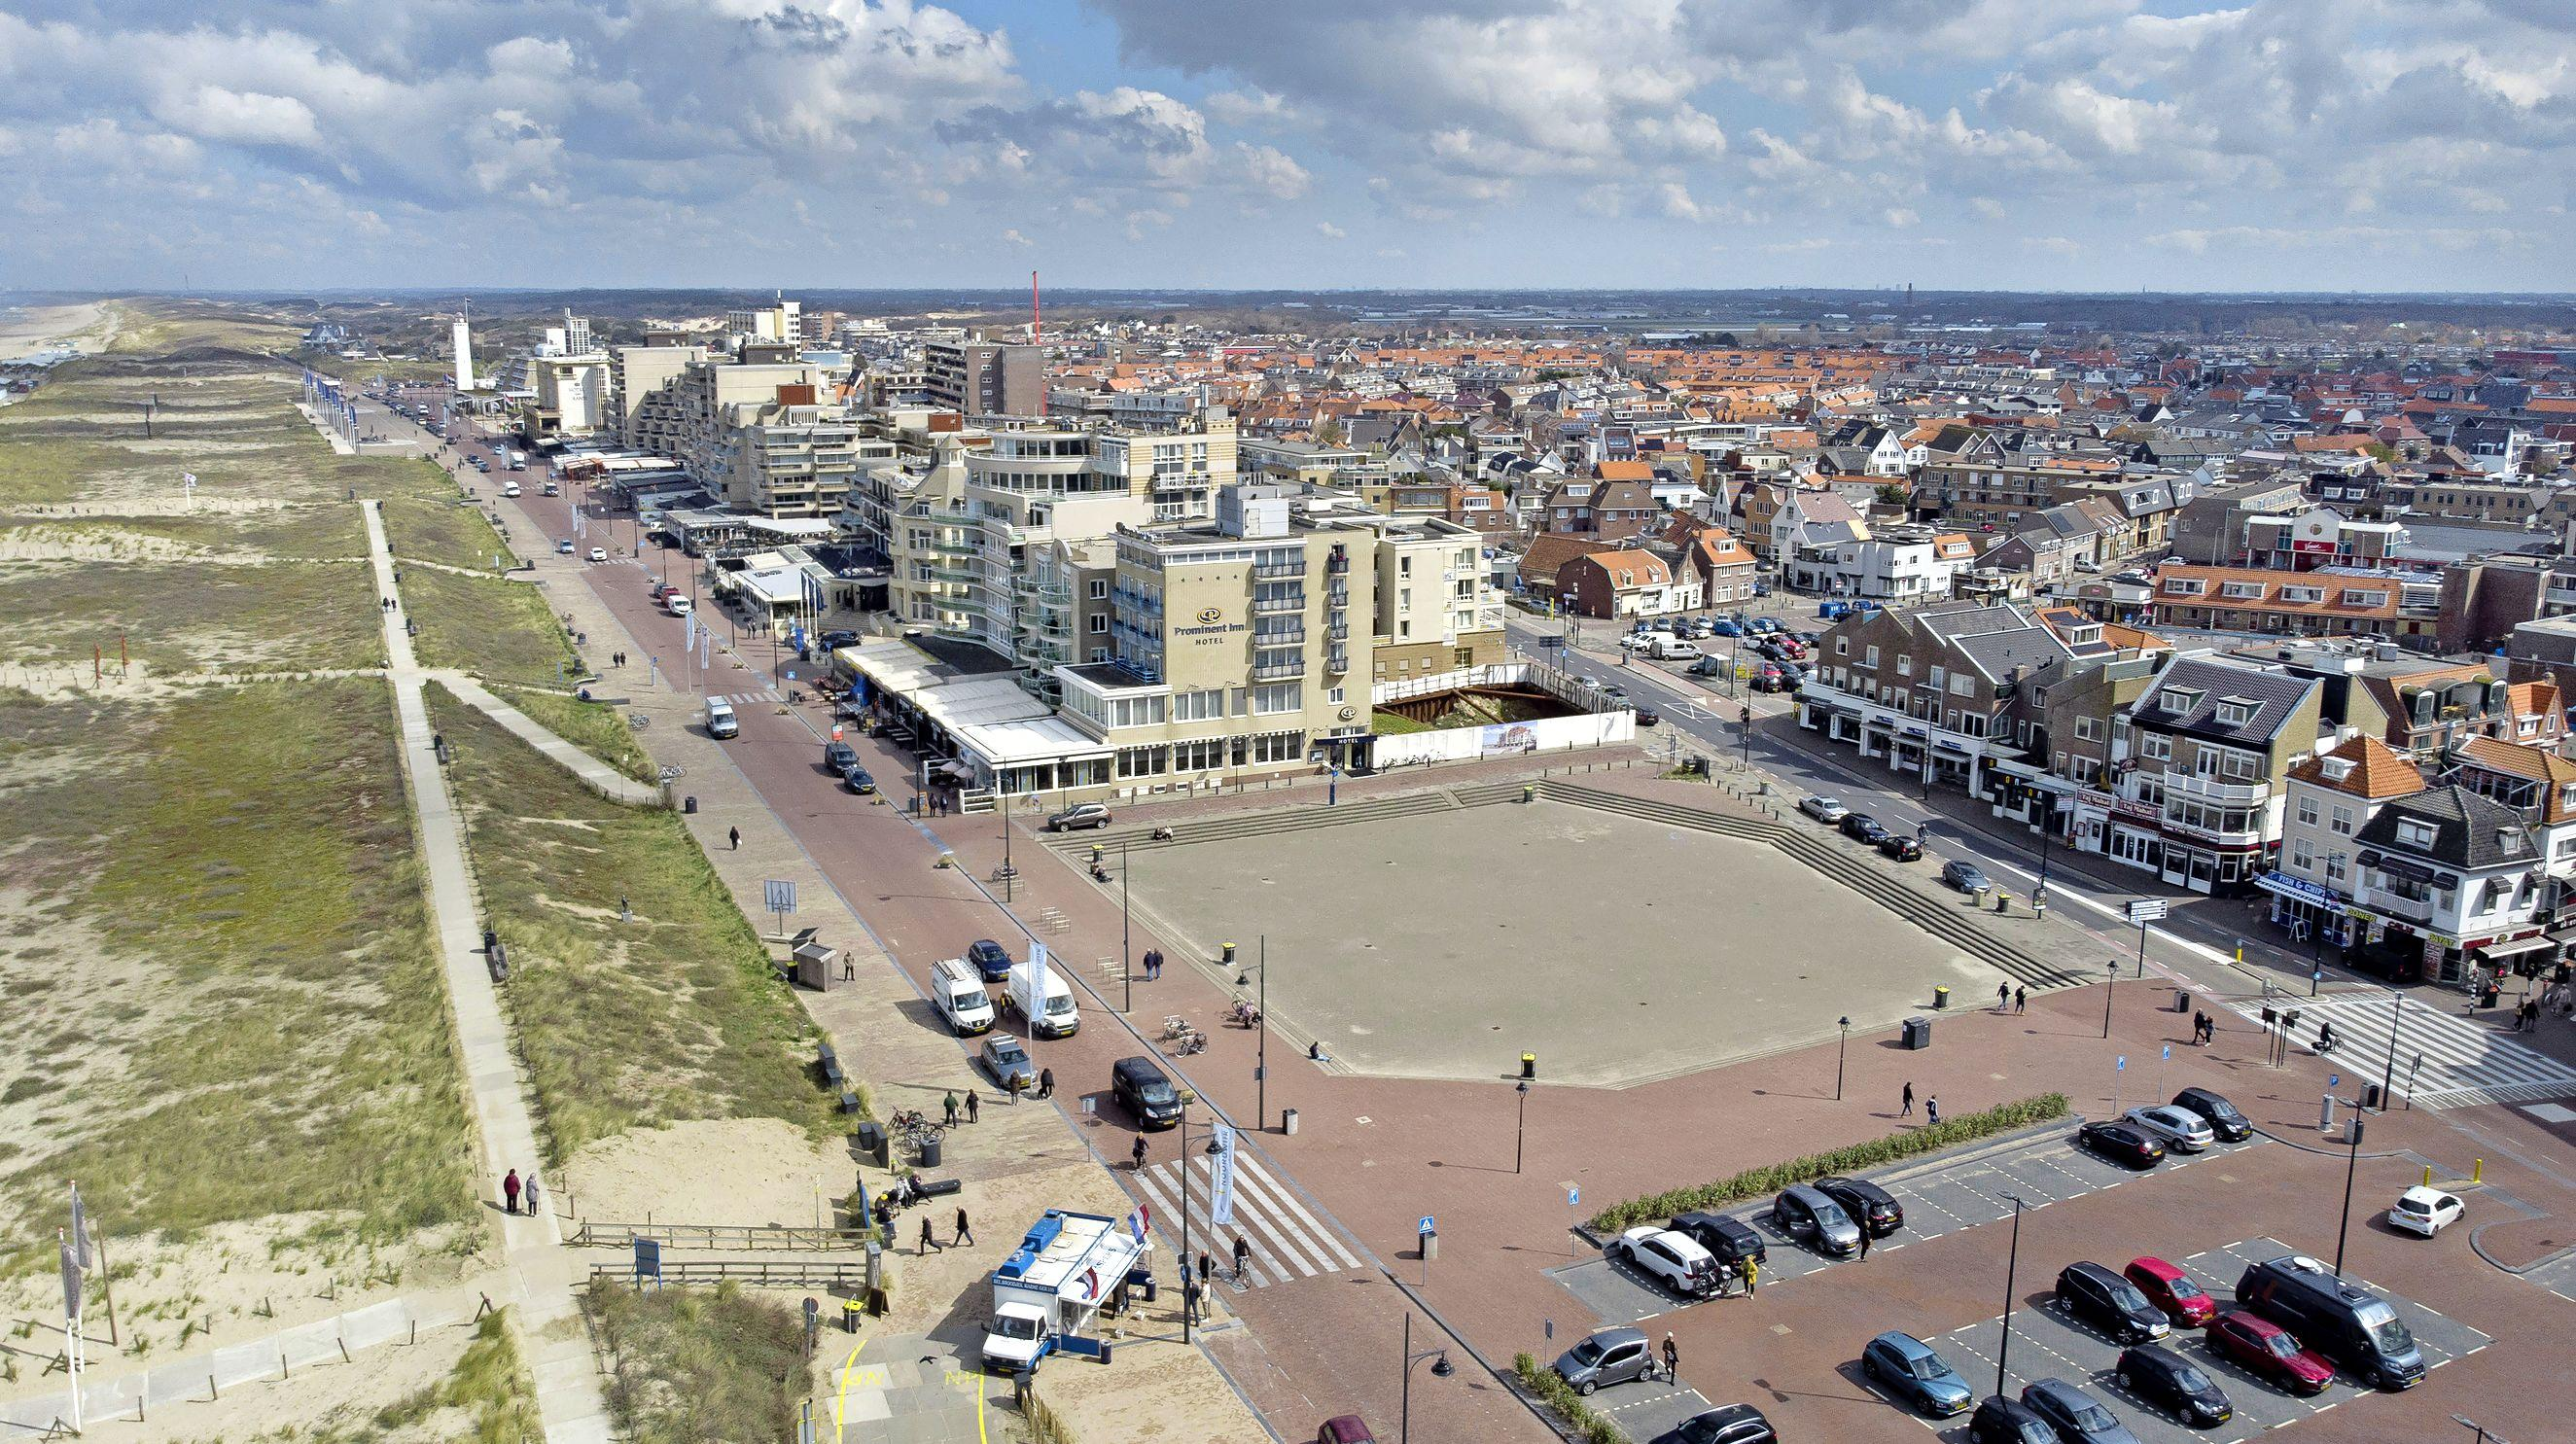 Ruime raadsmeerderheid voor nieuwe bouwmogelijkheden Gat van Palace in Noordwijk